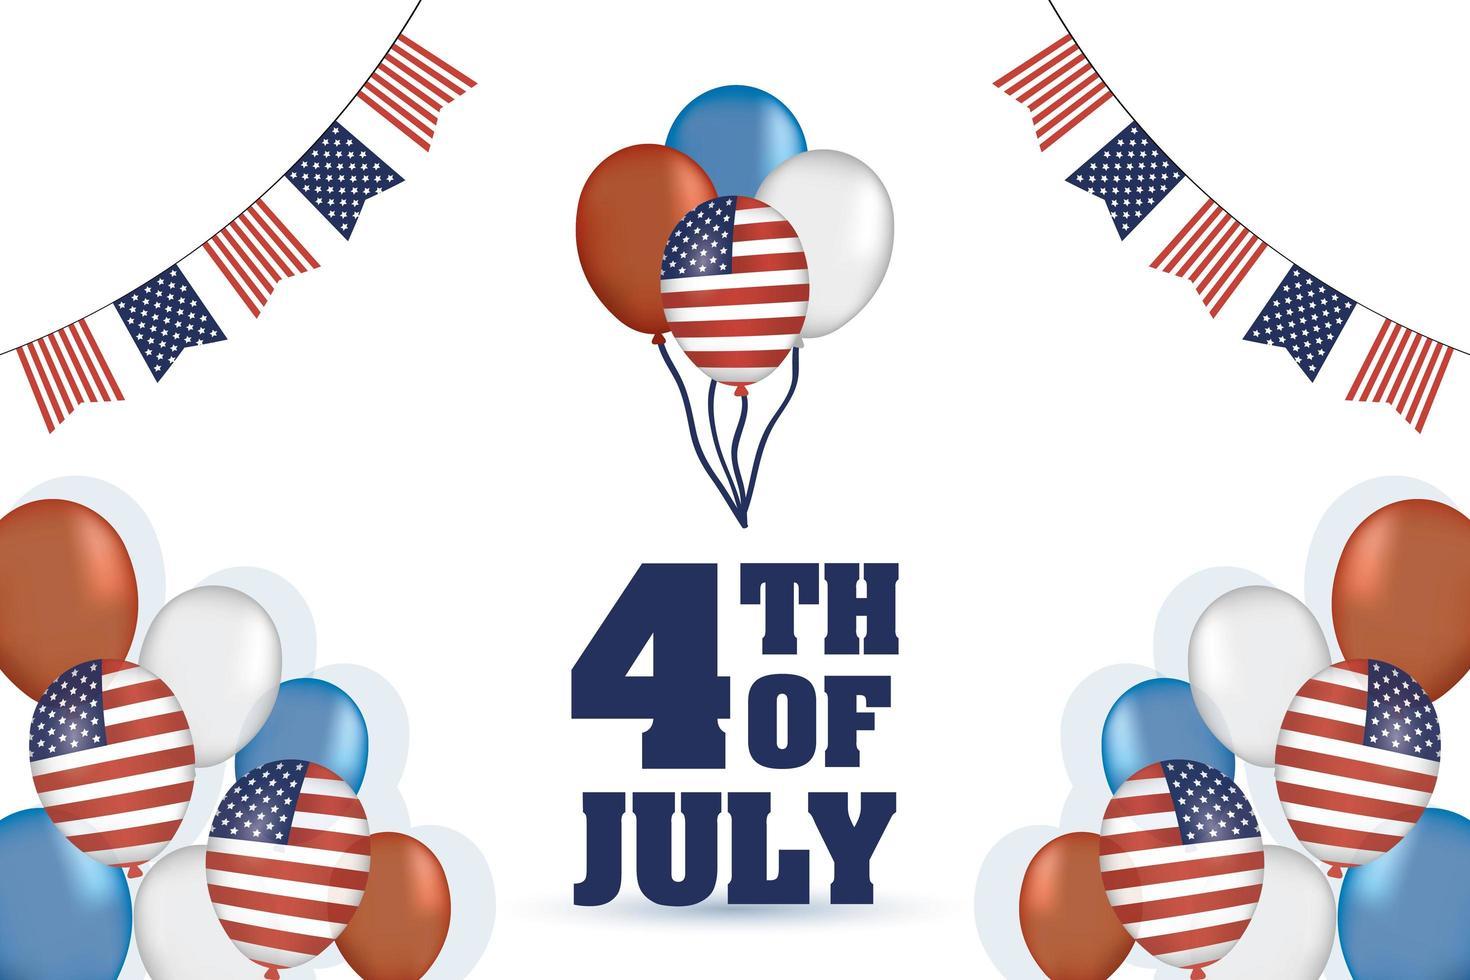 día de la independencia de estados unidos con banderas y globos vector